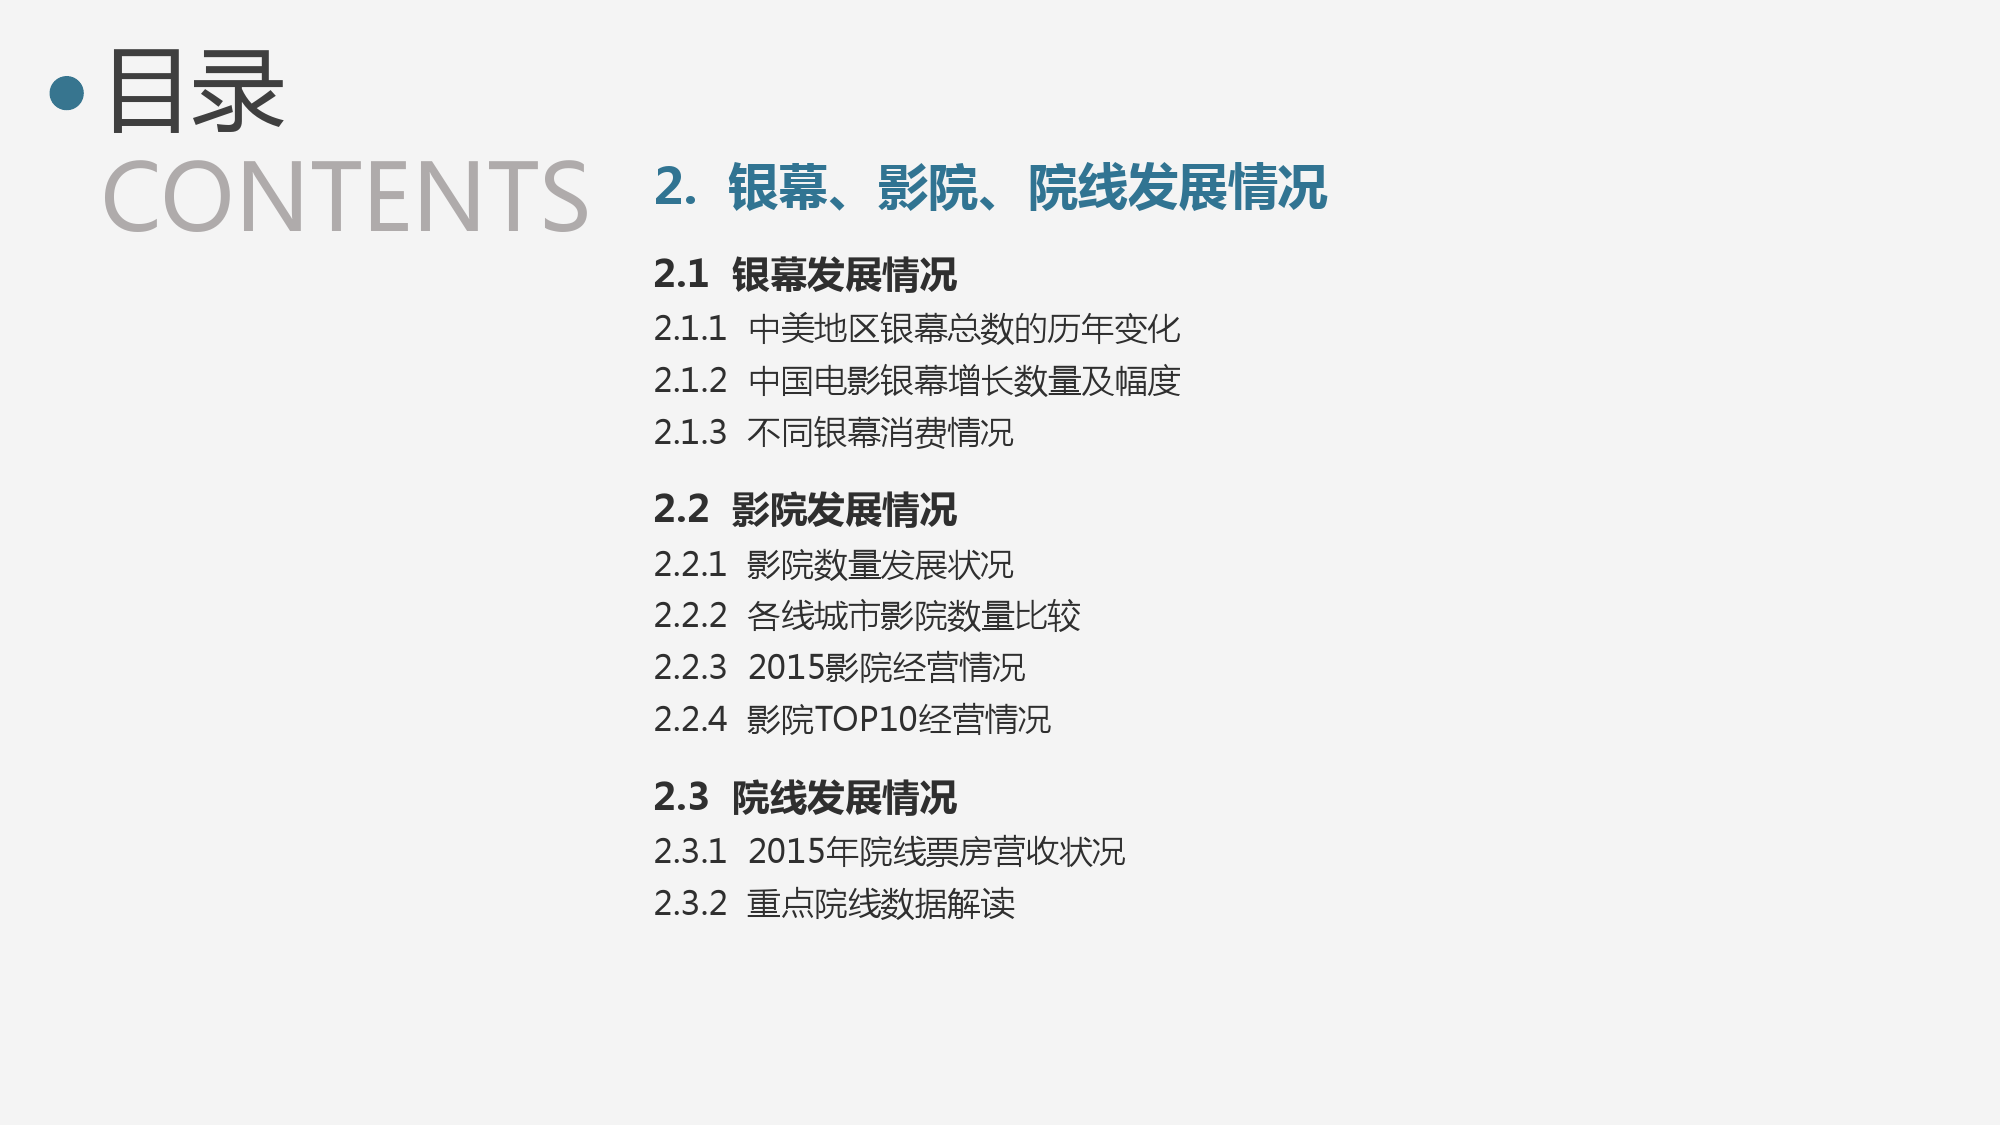 2015年度中国电影产业报告_000003